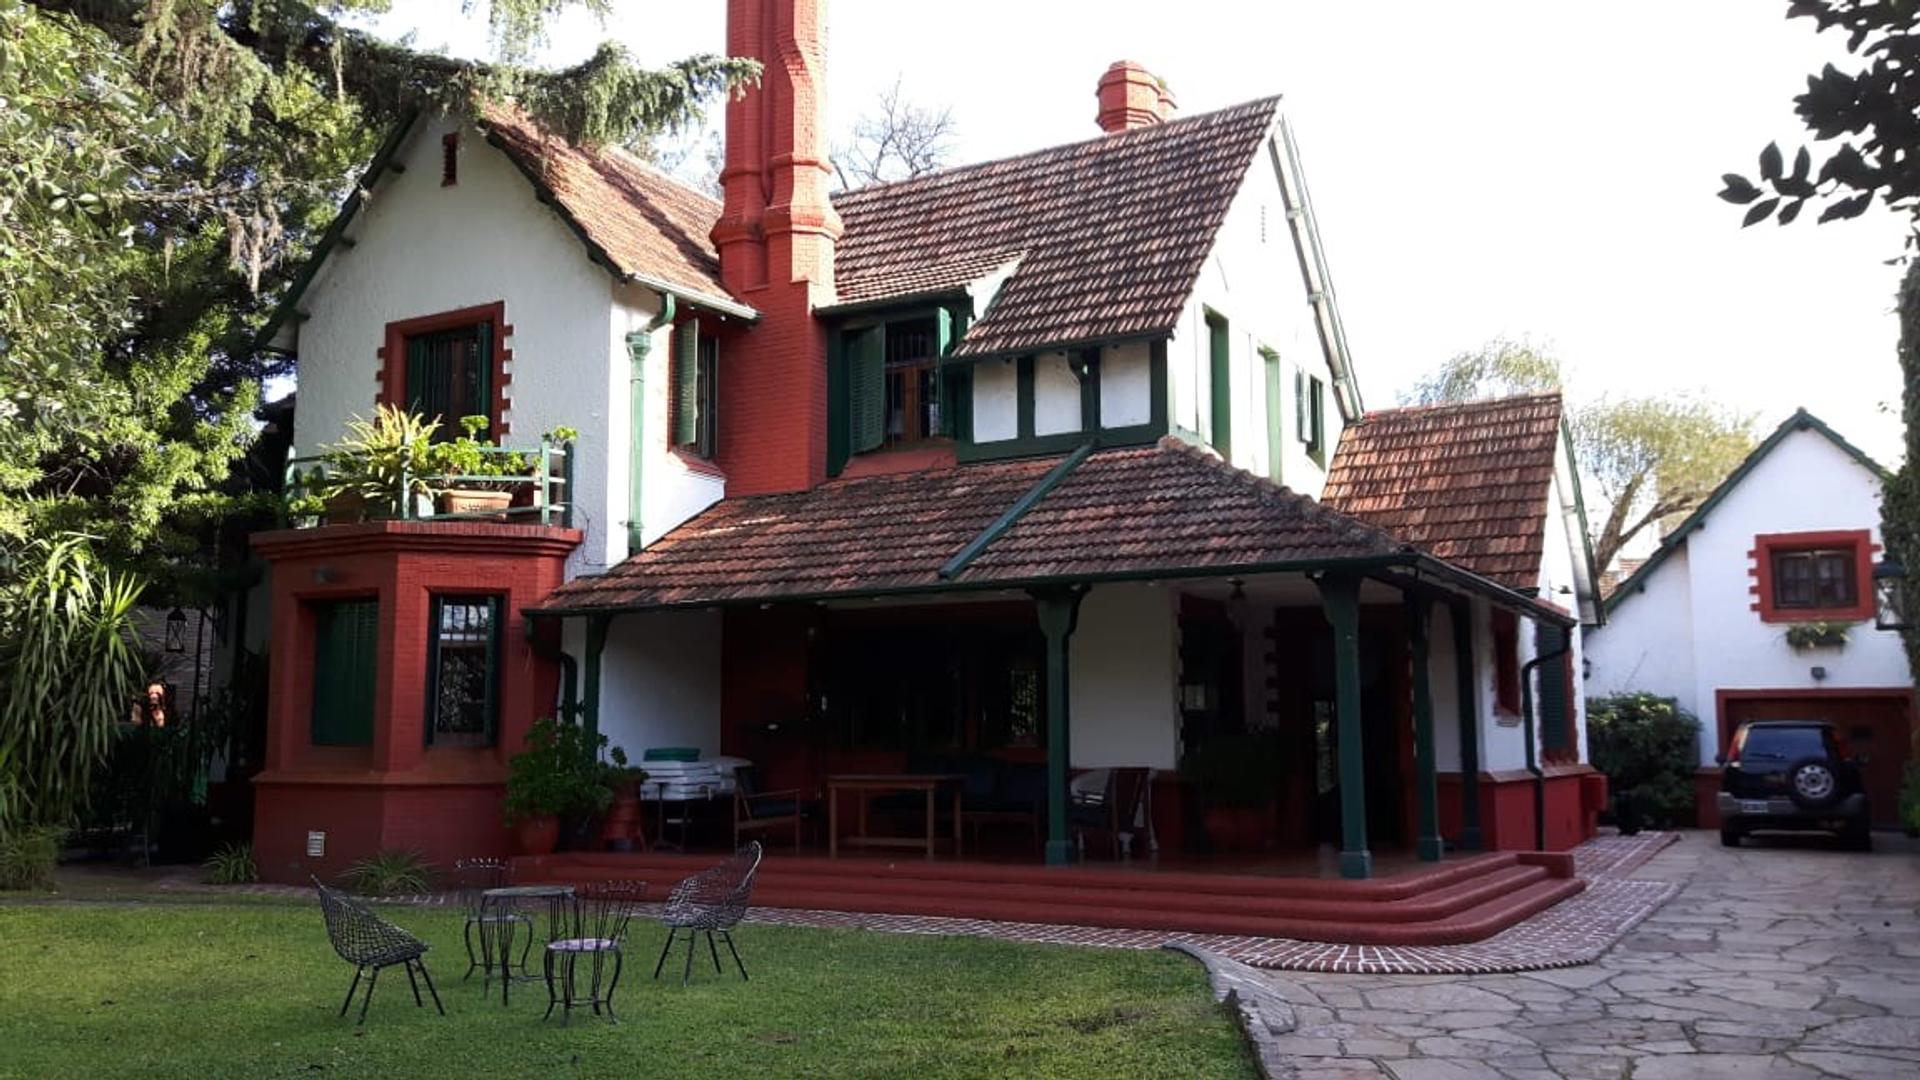 Casa en Venta en Olivos - 5 ambientes